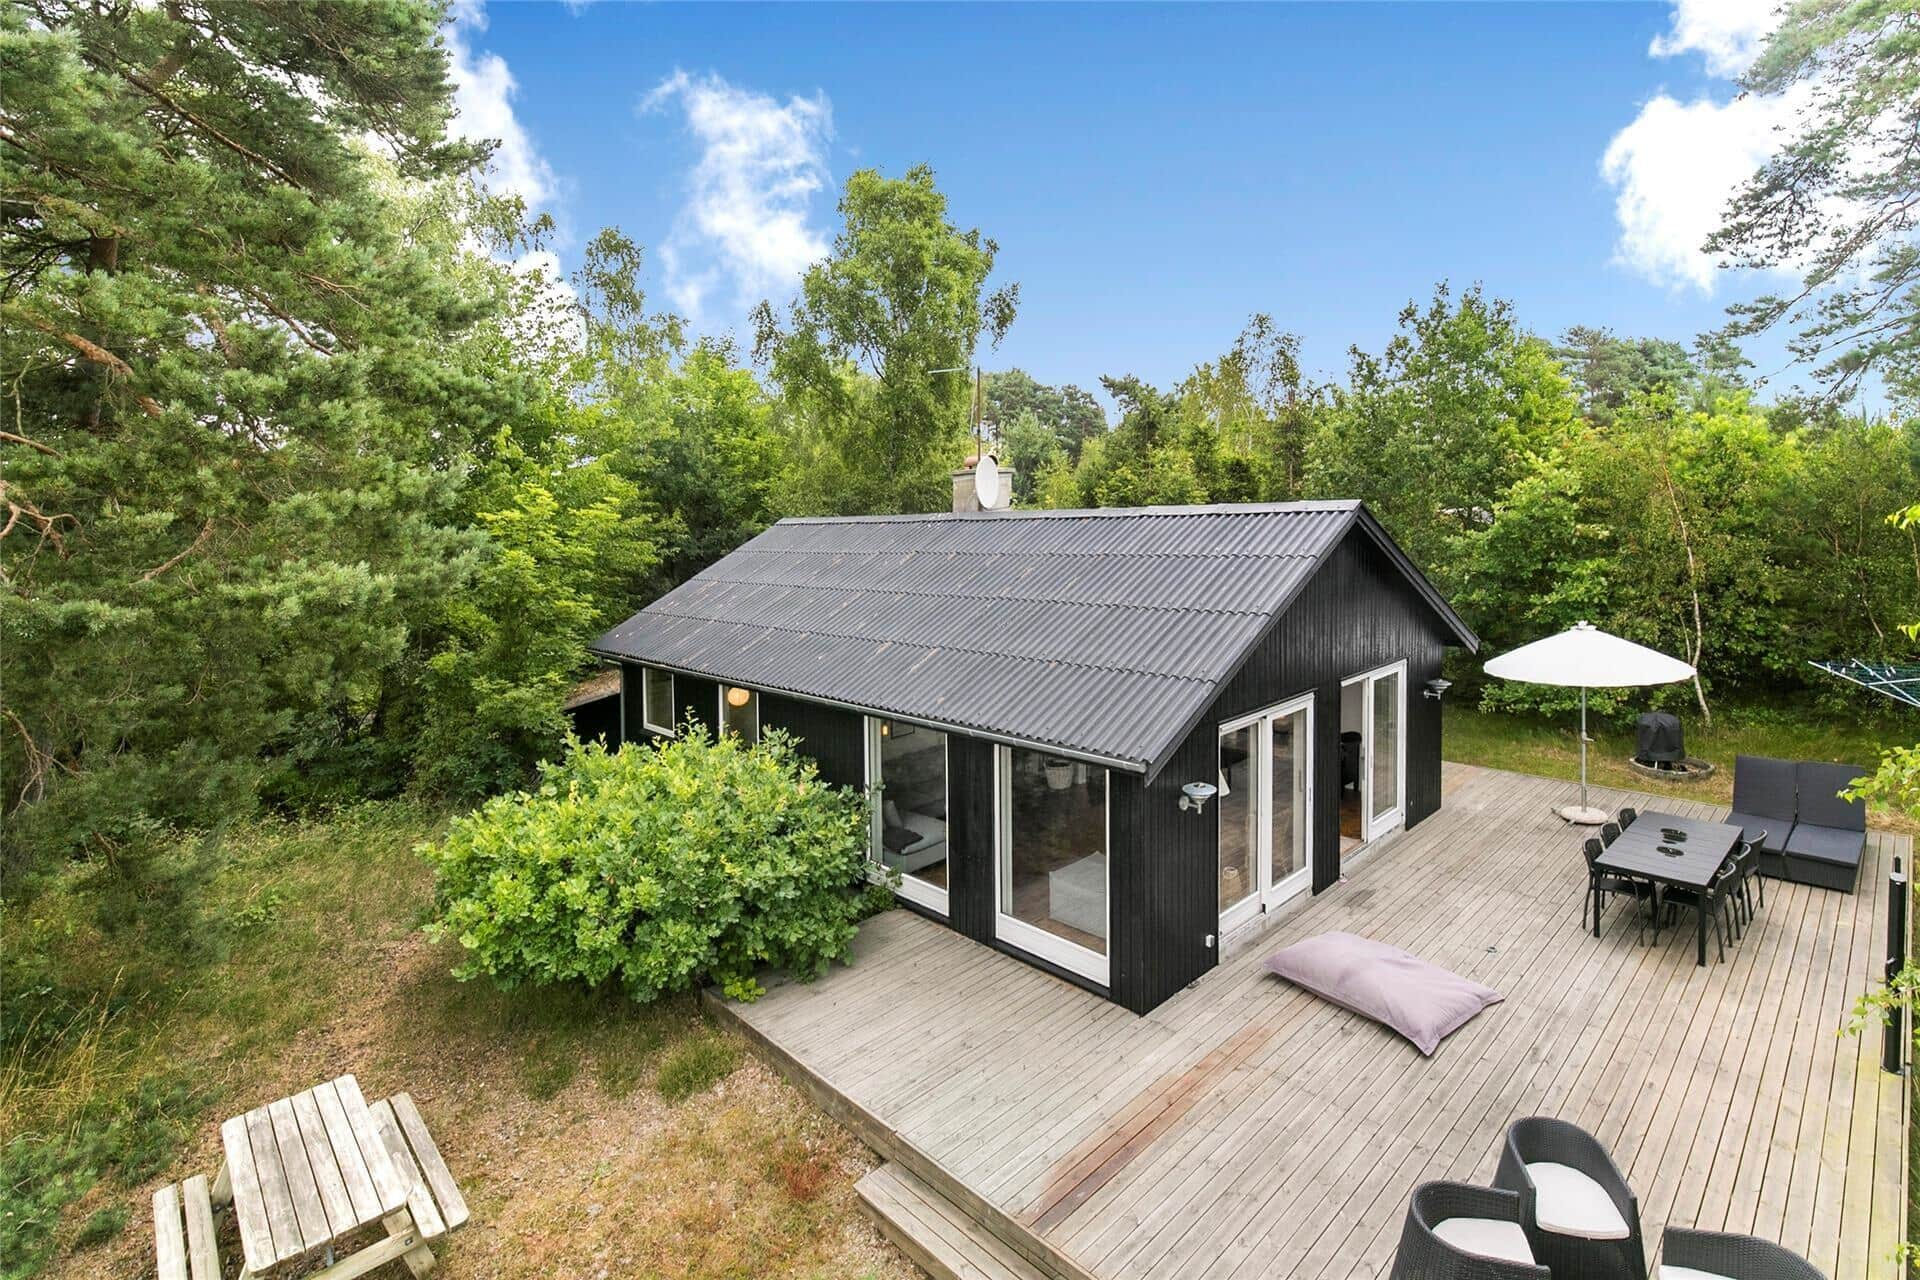 Afbeelding 1-10 Vakantiehuis 1427, Malurtvej 2, DK - 3720 Aakirkeby